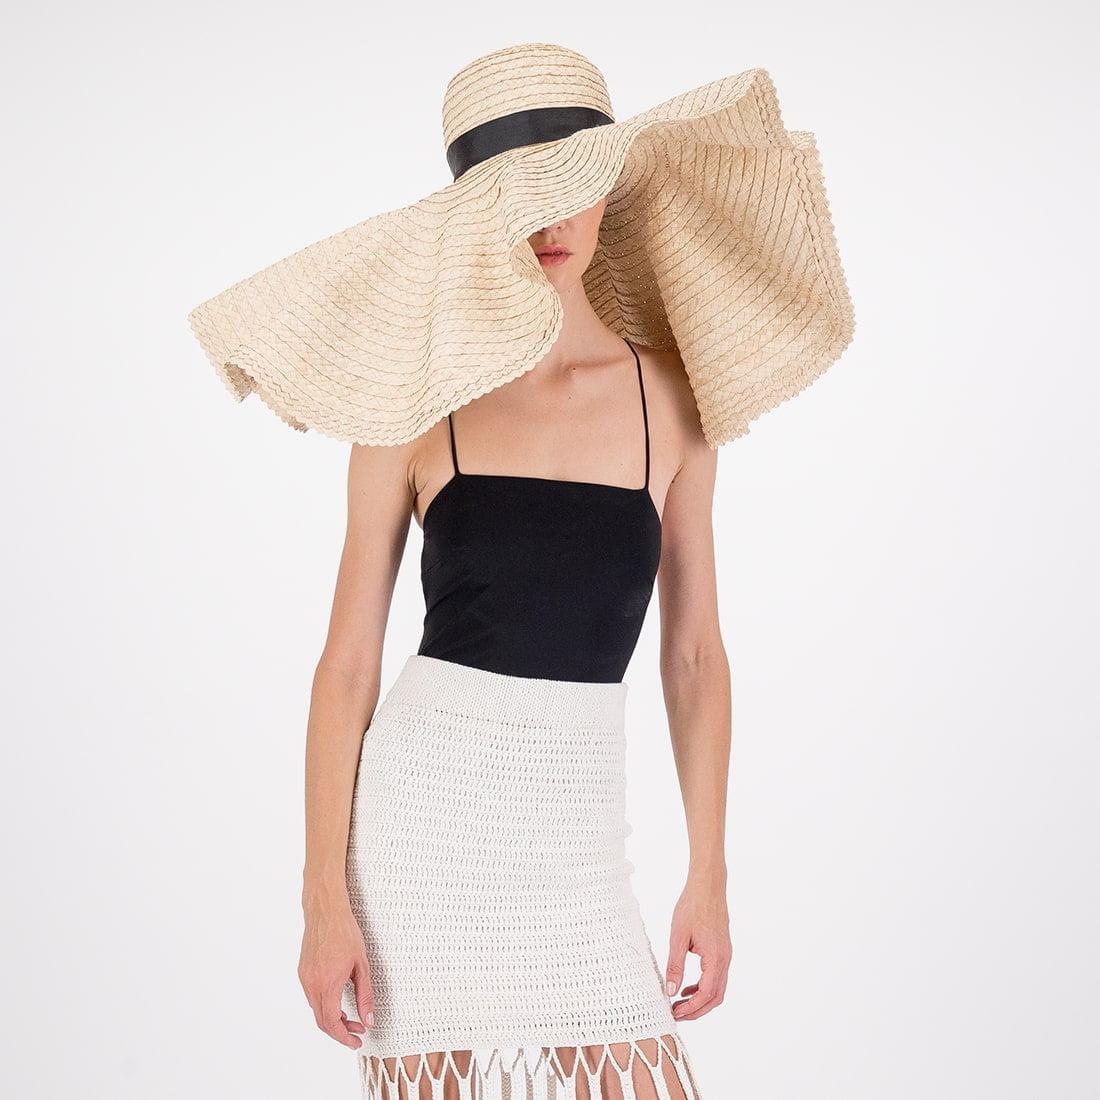 Handwoven palm wide-brim hat 2